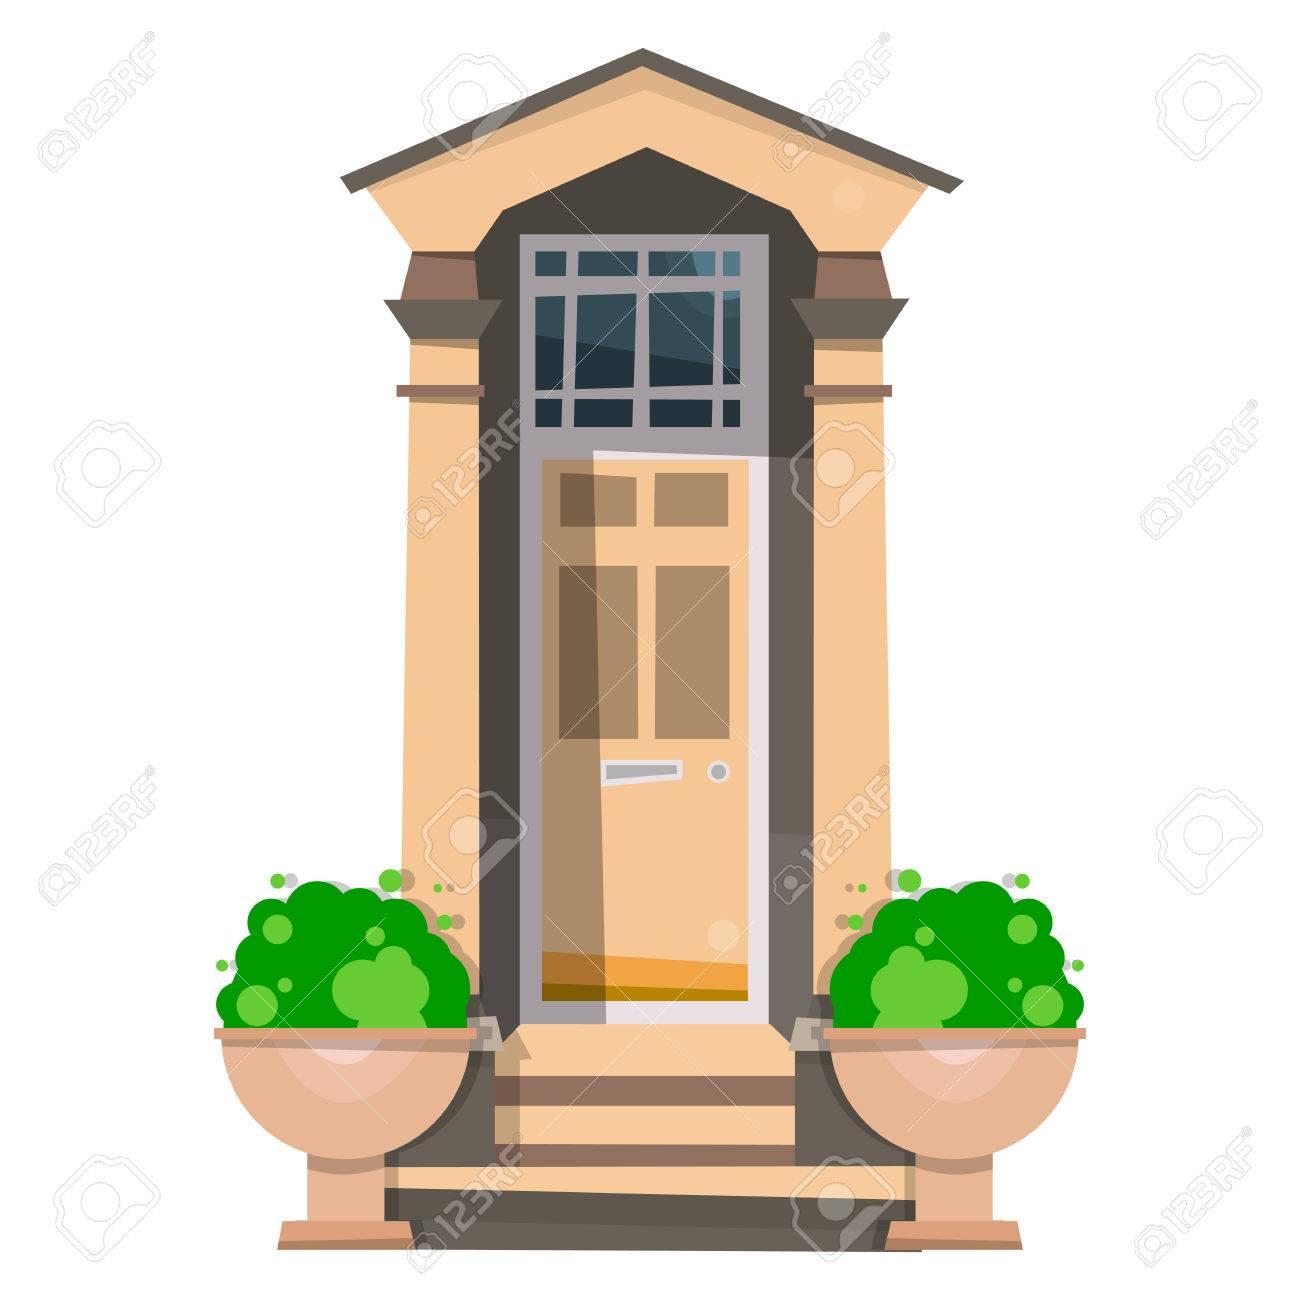 La Hermosa Puerta De Entrada Diseno De Puertas De Madera En La Casa Ilustracion Del Vector Aislado En El Fondo Blanco